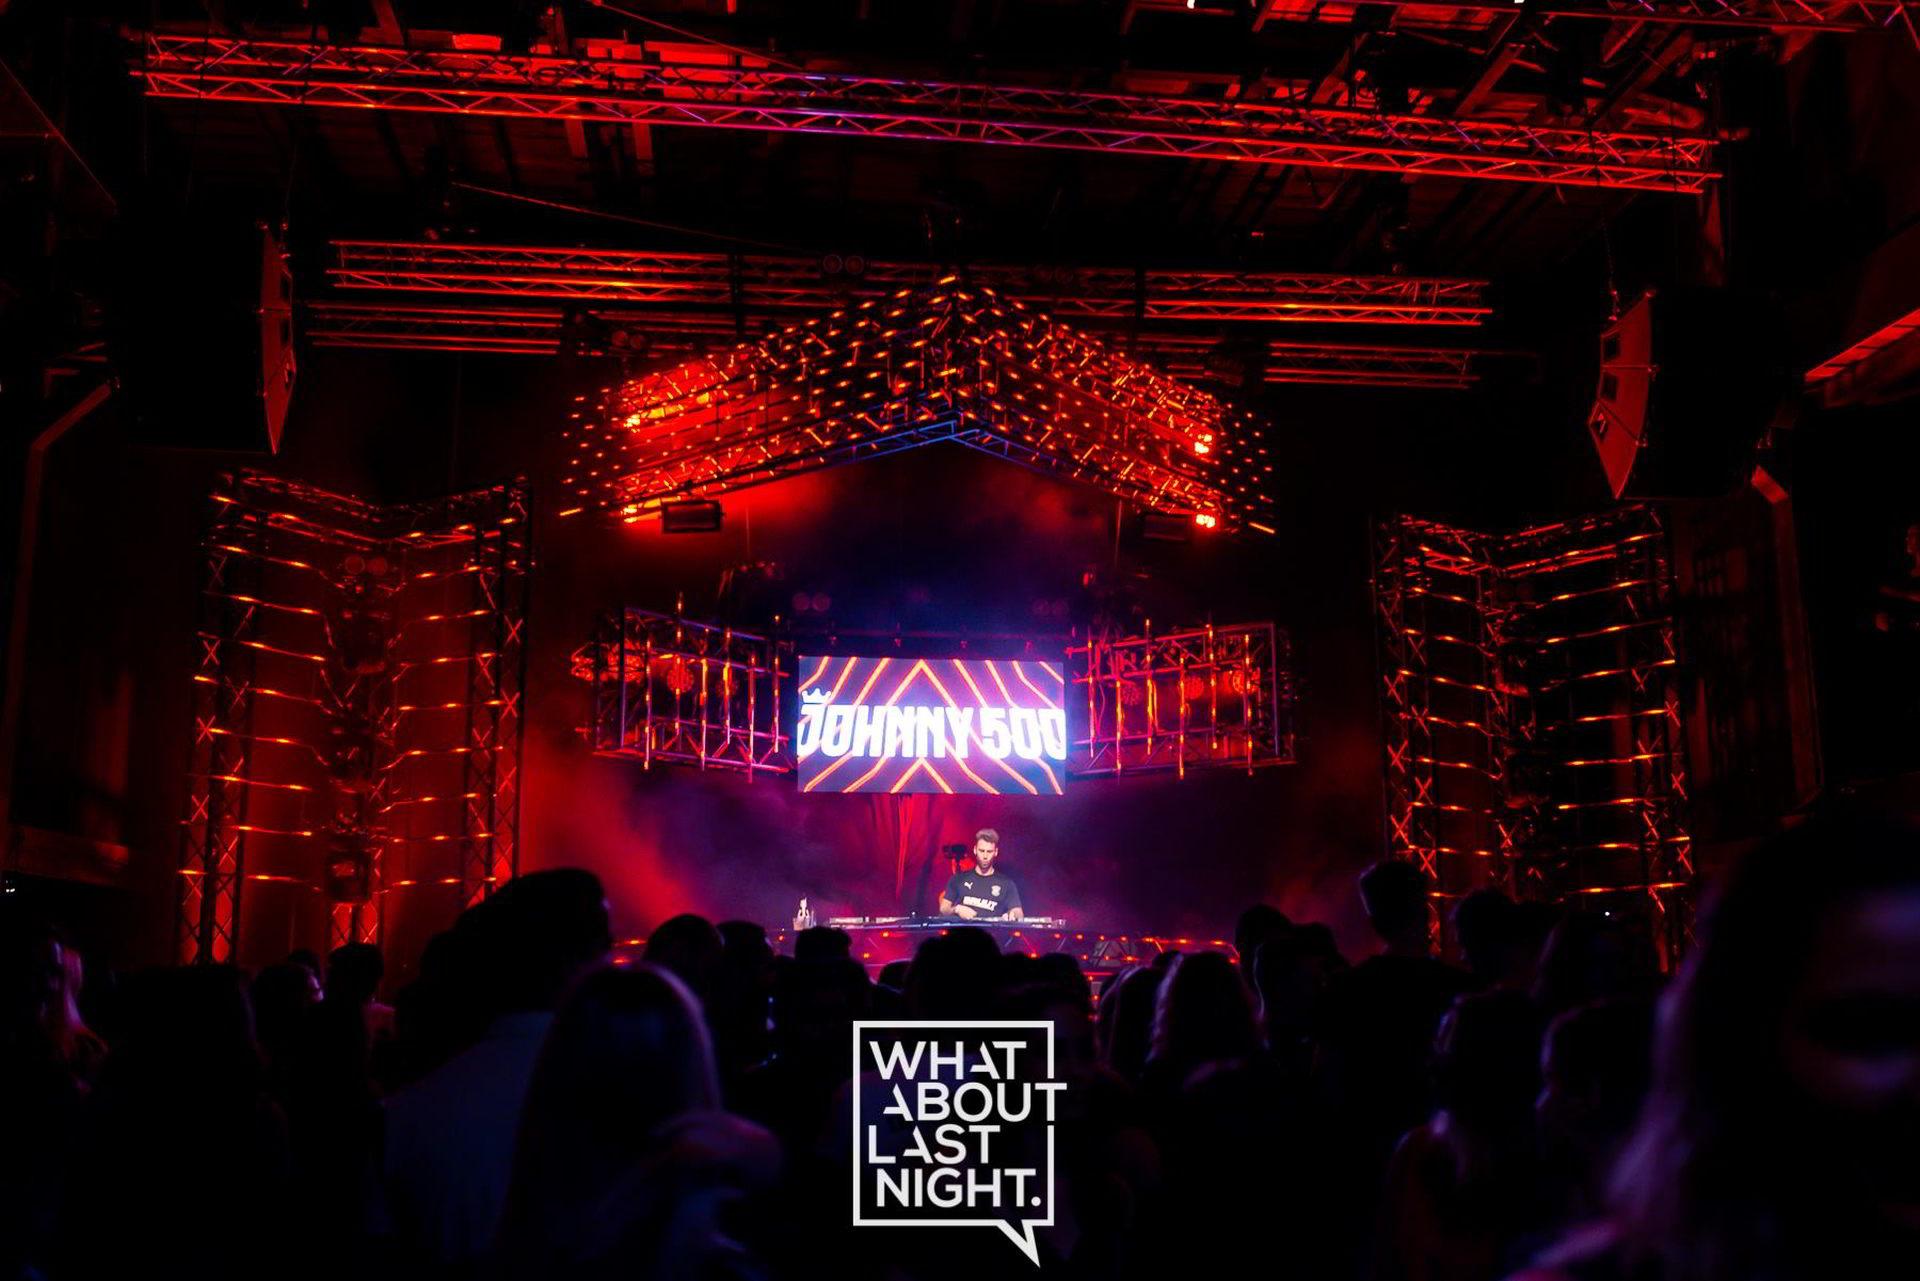 DJ Party visuals